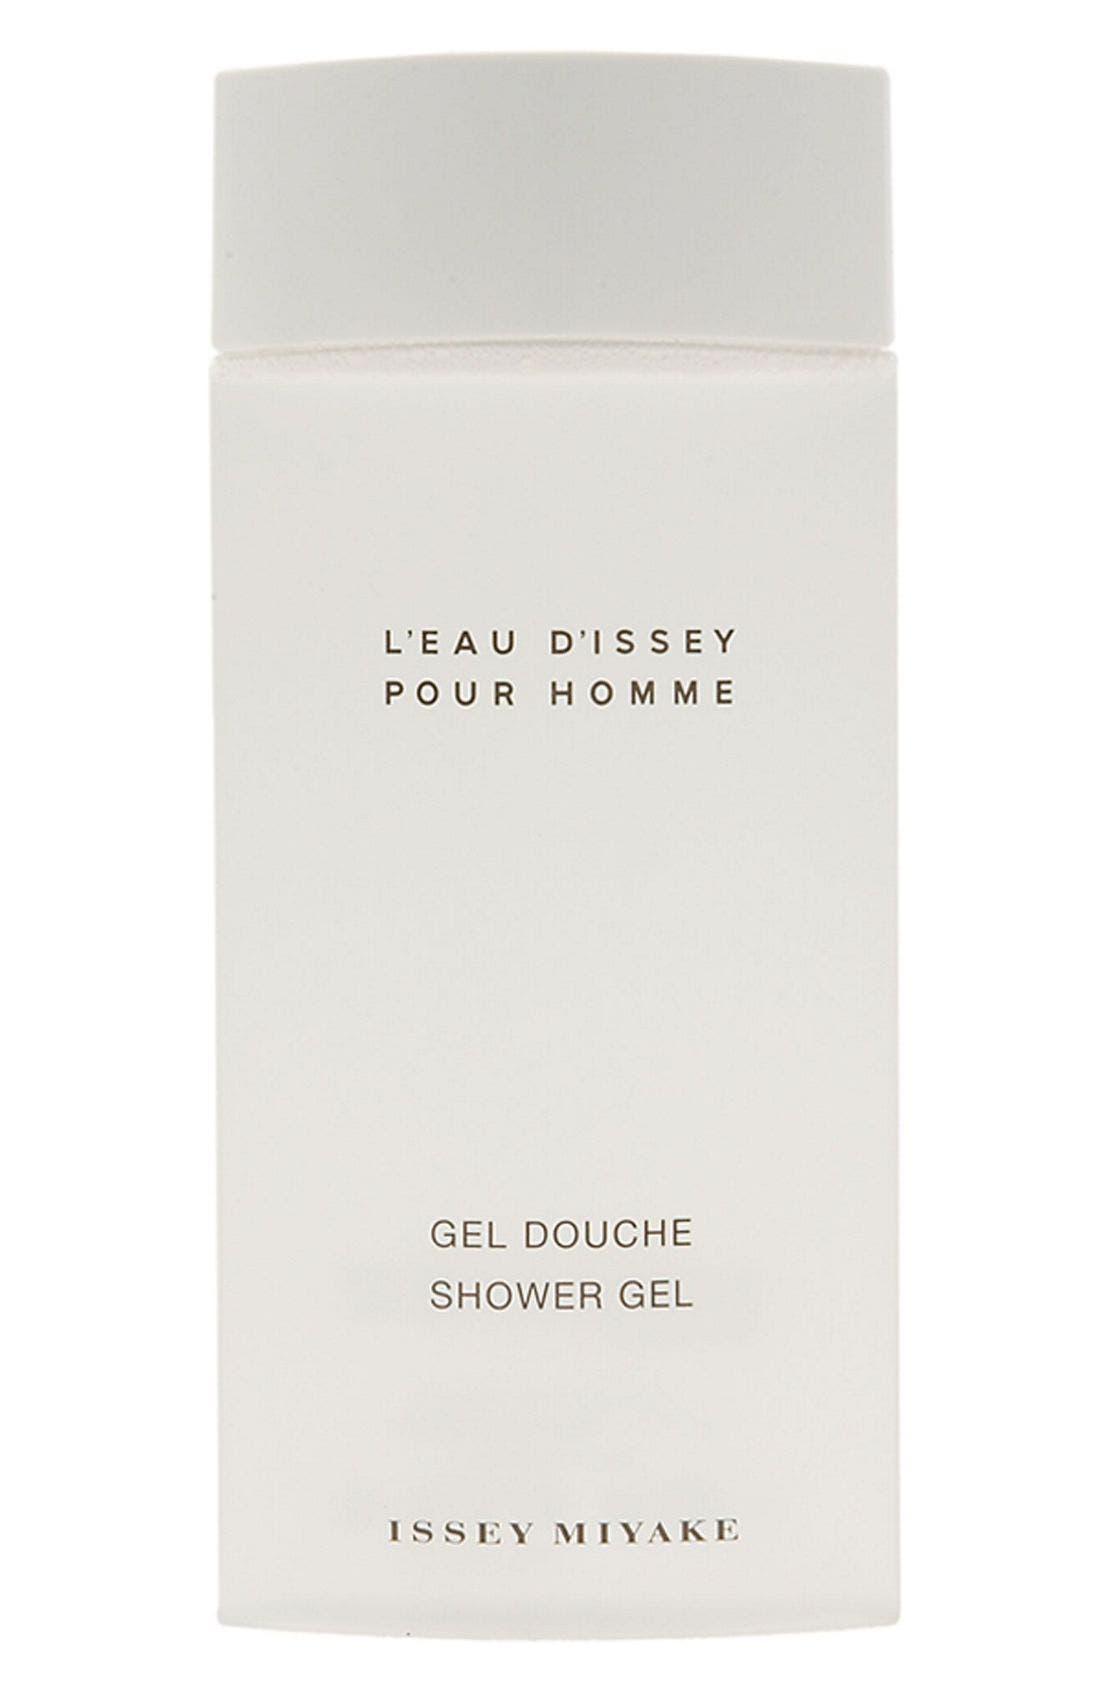 'L'Eau d'Issey pour Homme' Shower Gel,                             Main thumbnail 1, color,                             000